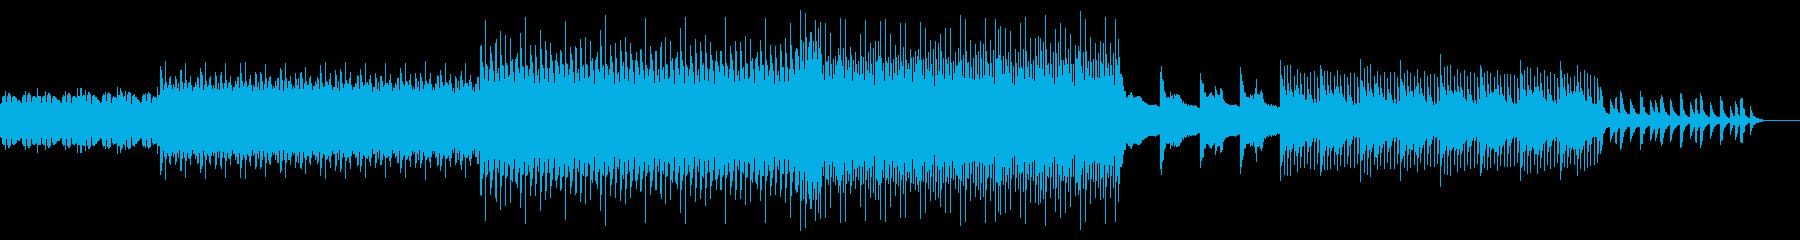 始まりを予感させるクールなサウンドの再生済みの波形